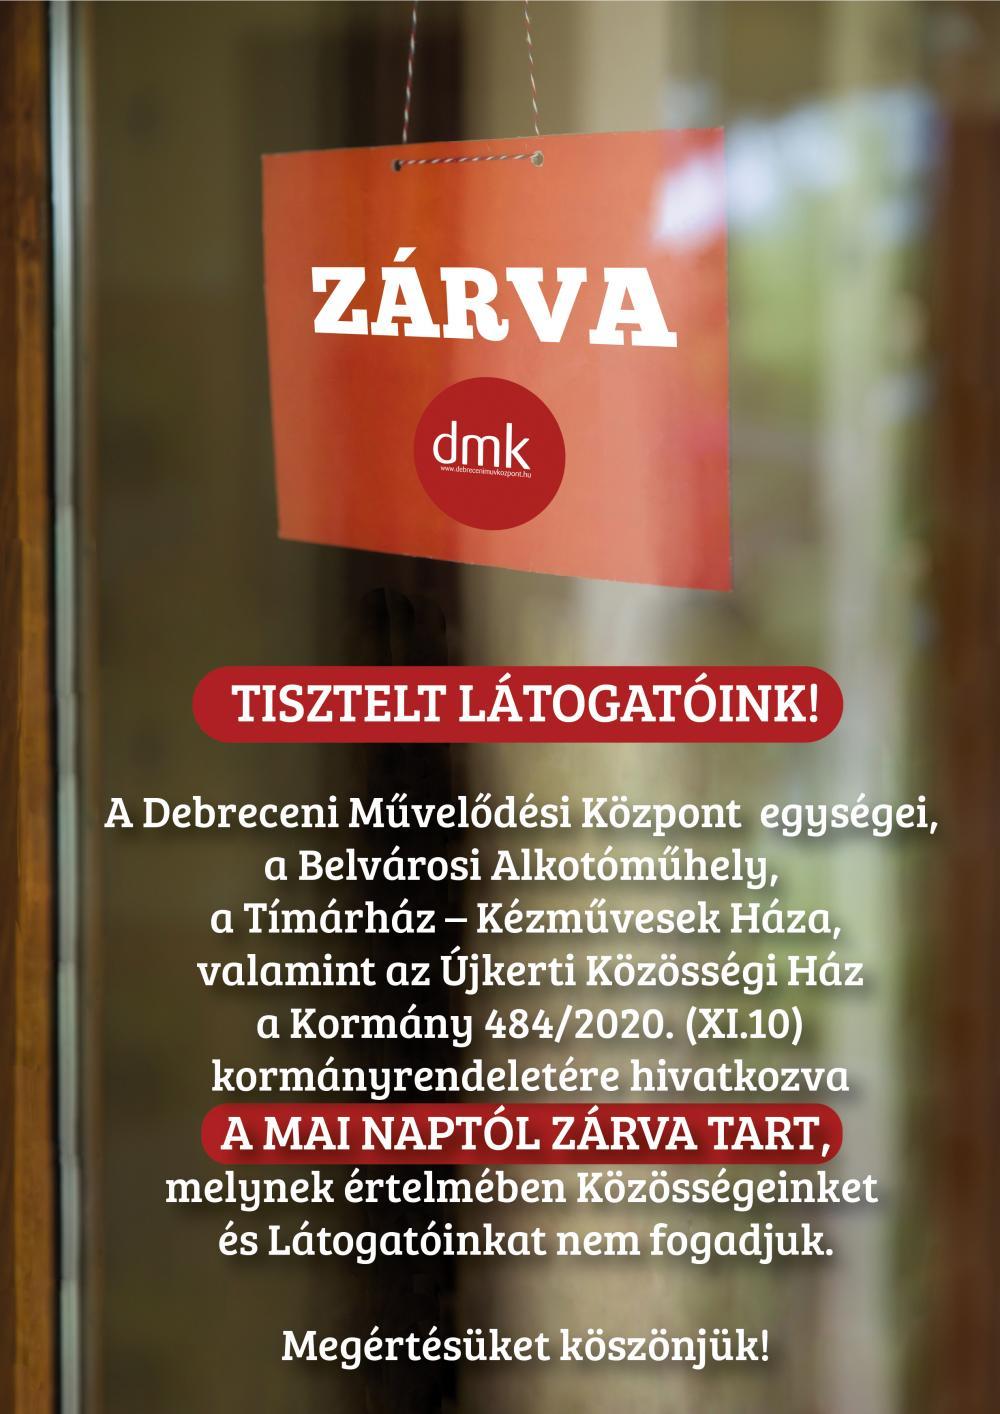 Tájékoztatás a Debreceni Művelődési Központ egységeinek zárásáról